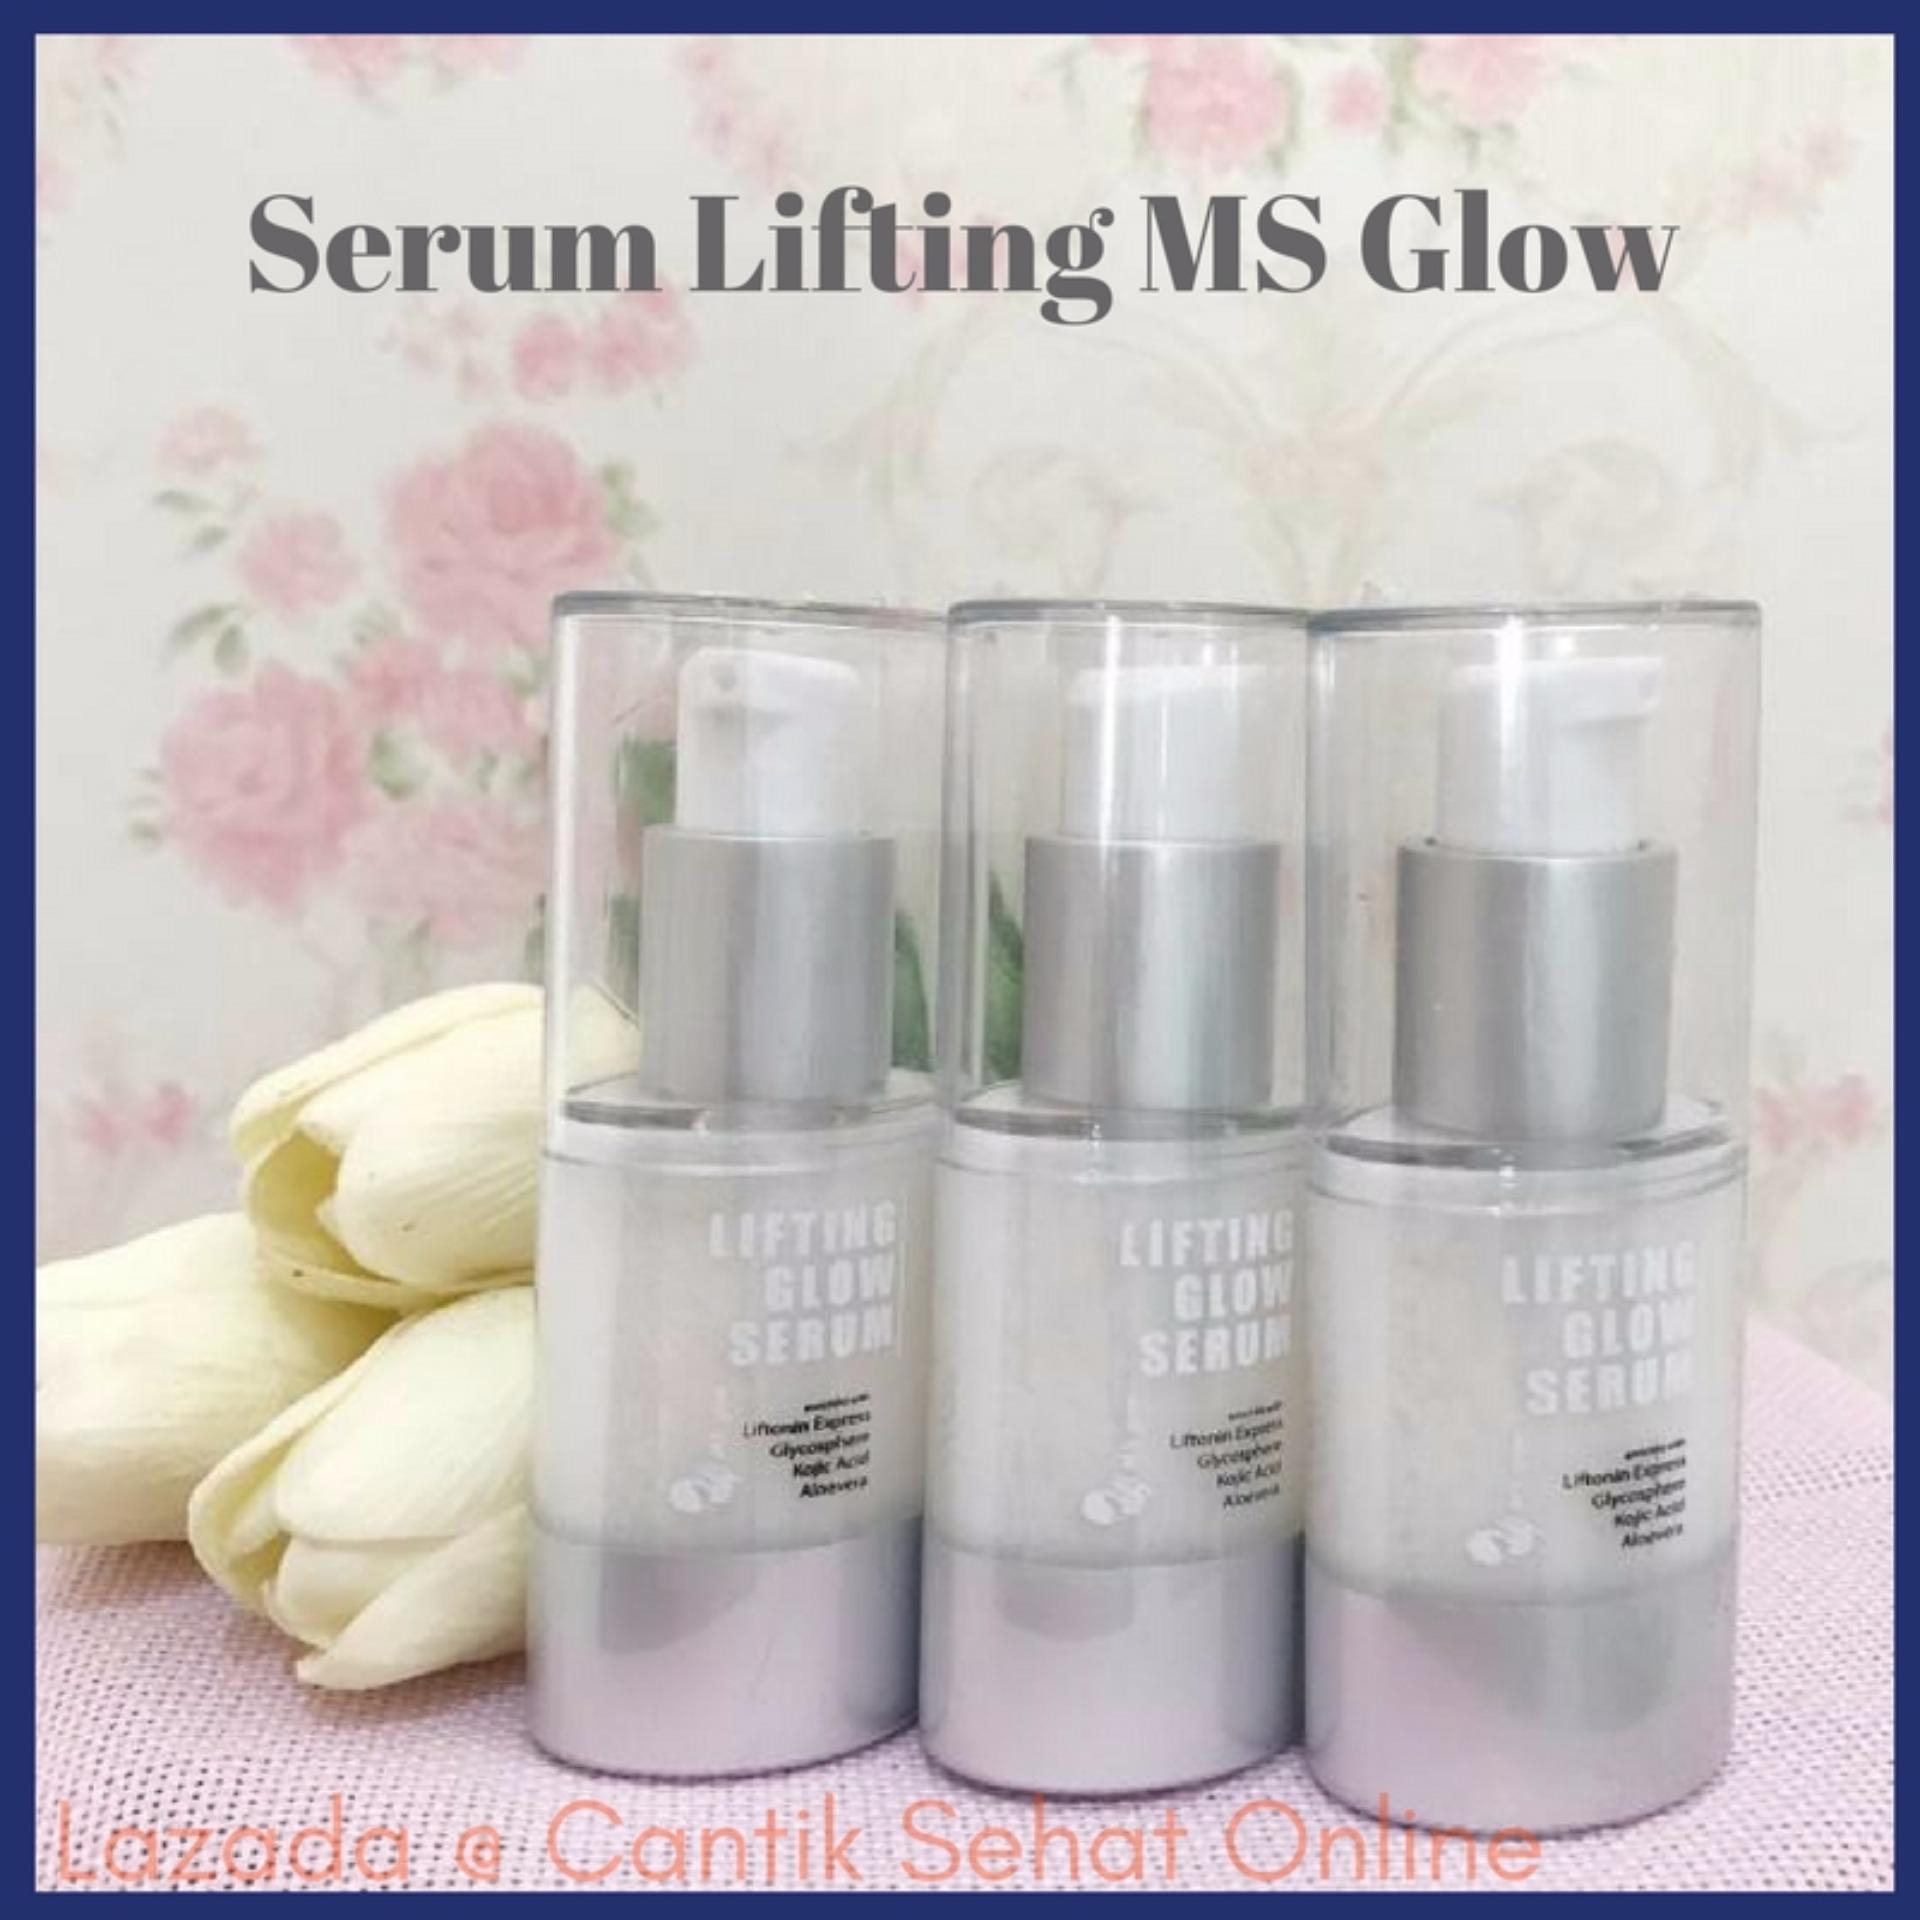 Berapa Harga Ms Glow Serum Lifting Serum Ms Glow Liposom Serum Pemutih Wajah Cantik Sehat Ms Glow Di Indonesia